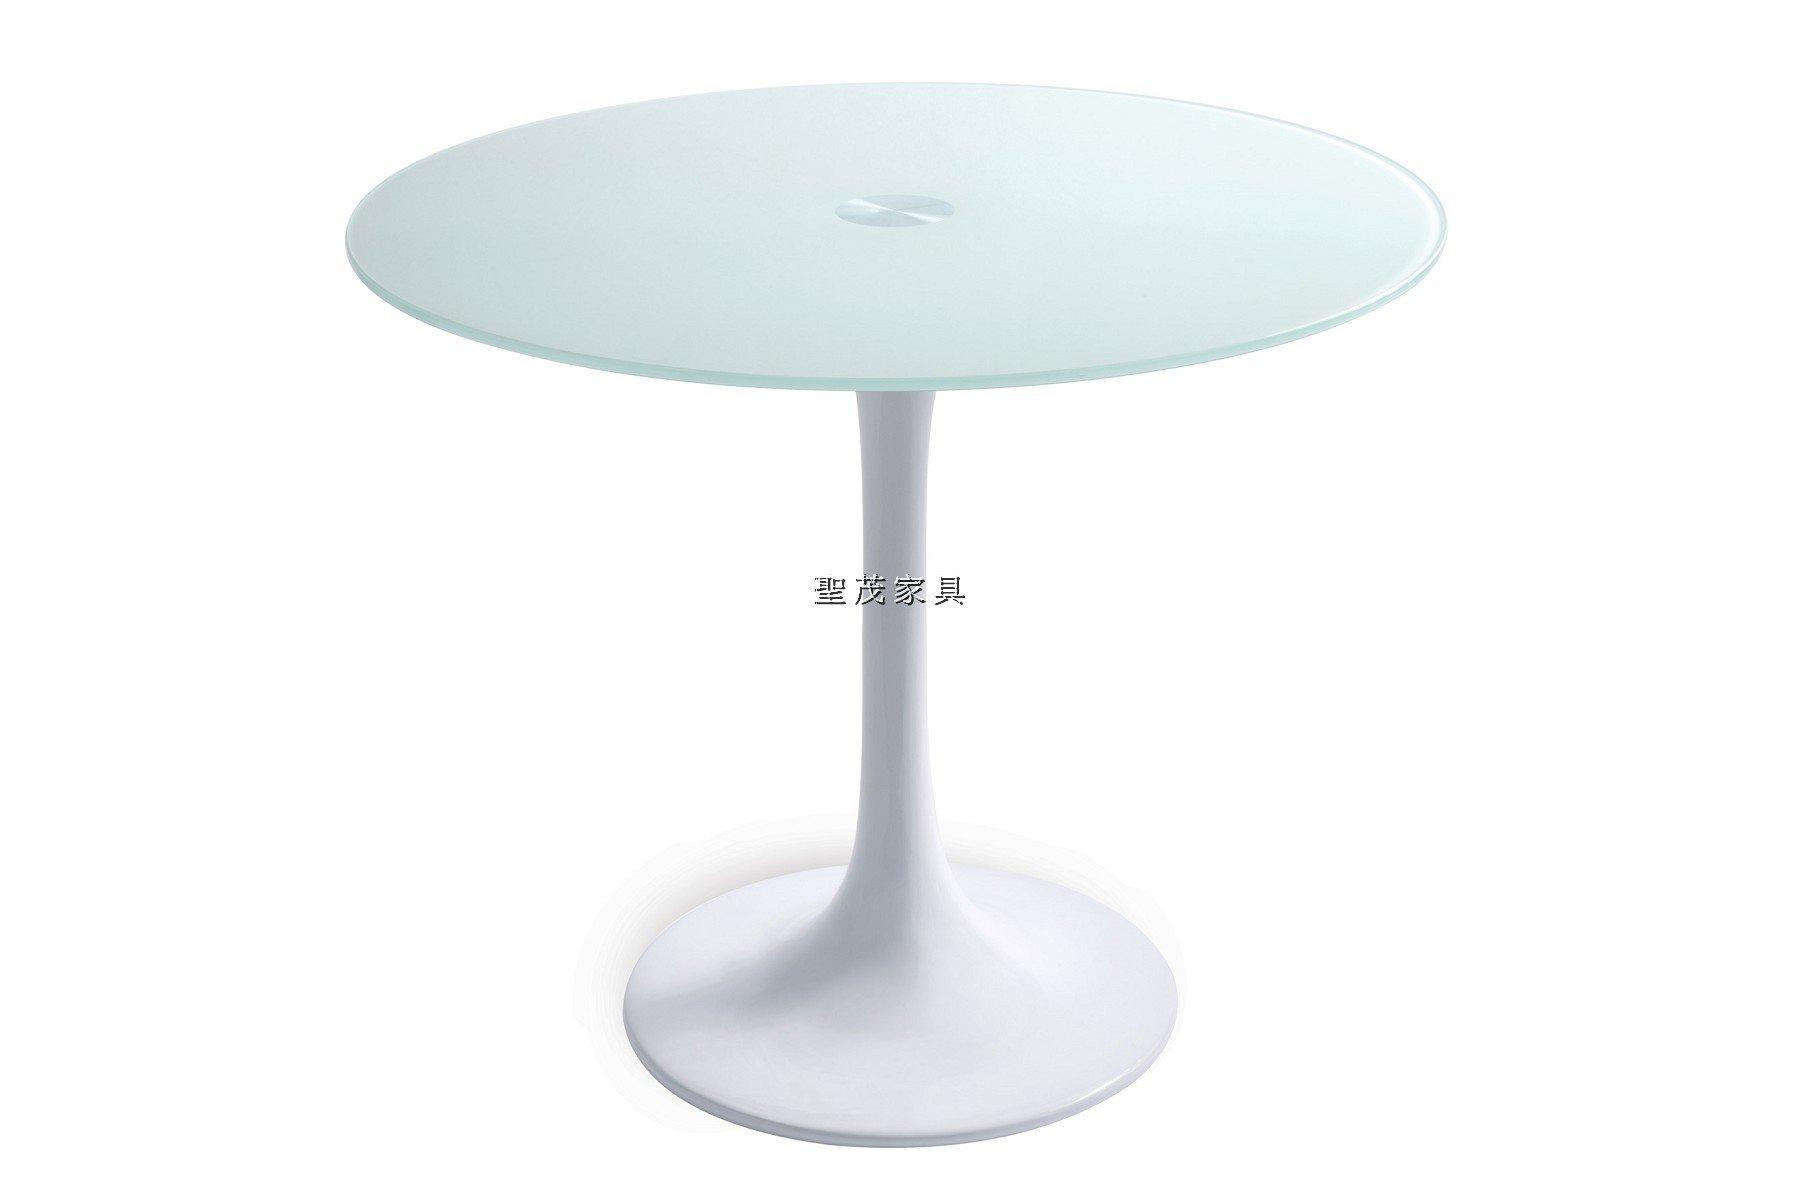 聖茂家具 高特鋼製家具 休閒桌 公共區域 工業風 美式洽談桌 Resolute A-936 造型桌 餐桌 圓桌 玻璃桌